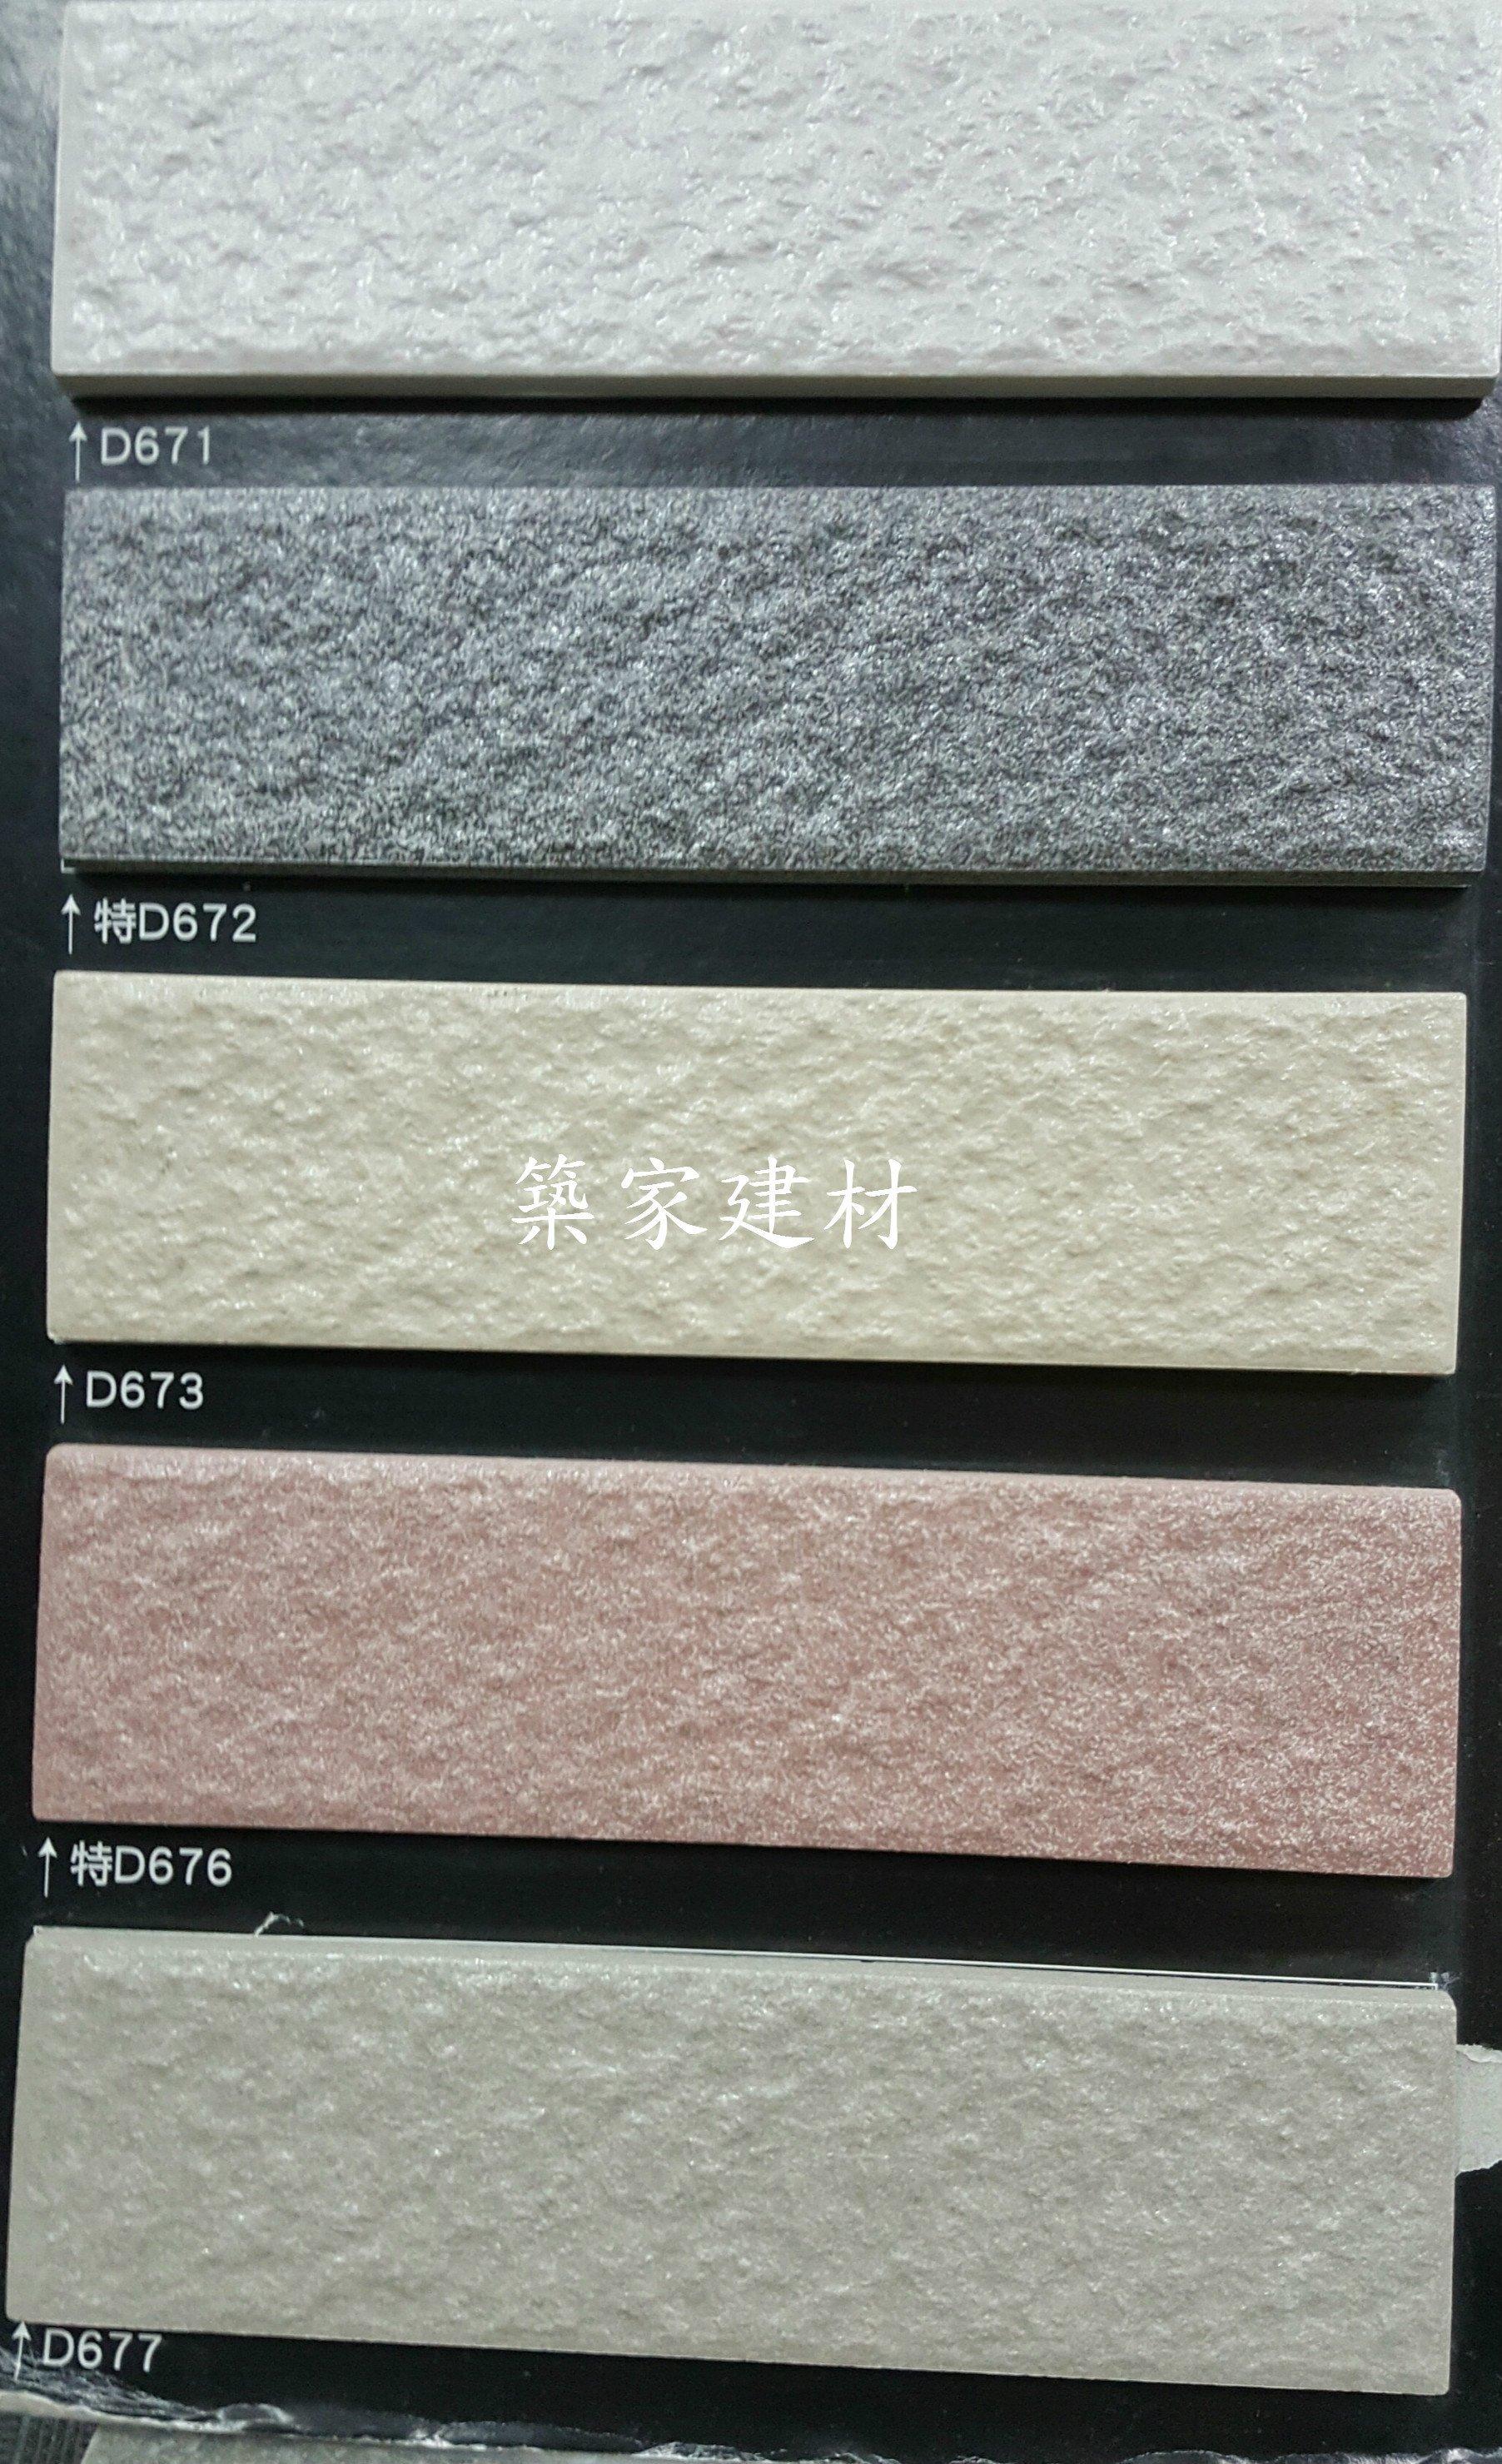 【AT磁磚店鋪】6X22.7 玉山石 二丁掛 外壁外牆磚 全台可配送 平面 山型 五種顏色 石英丁掛 每支4元起